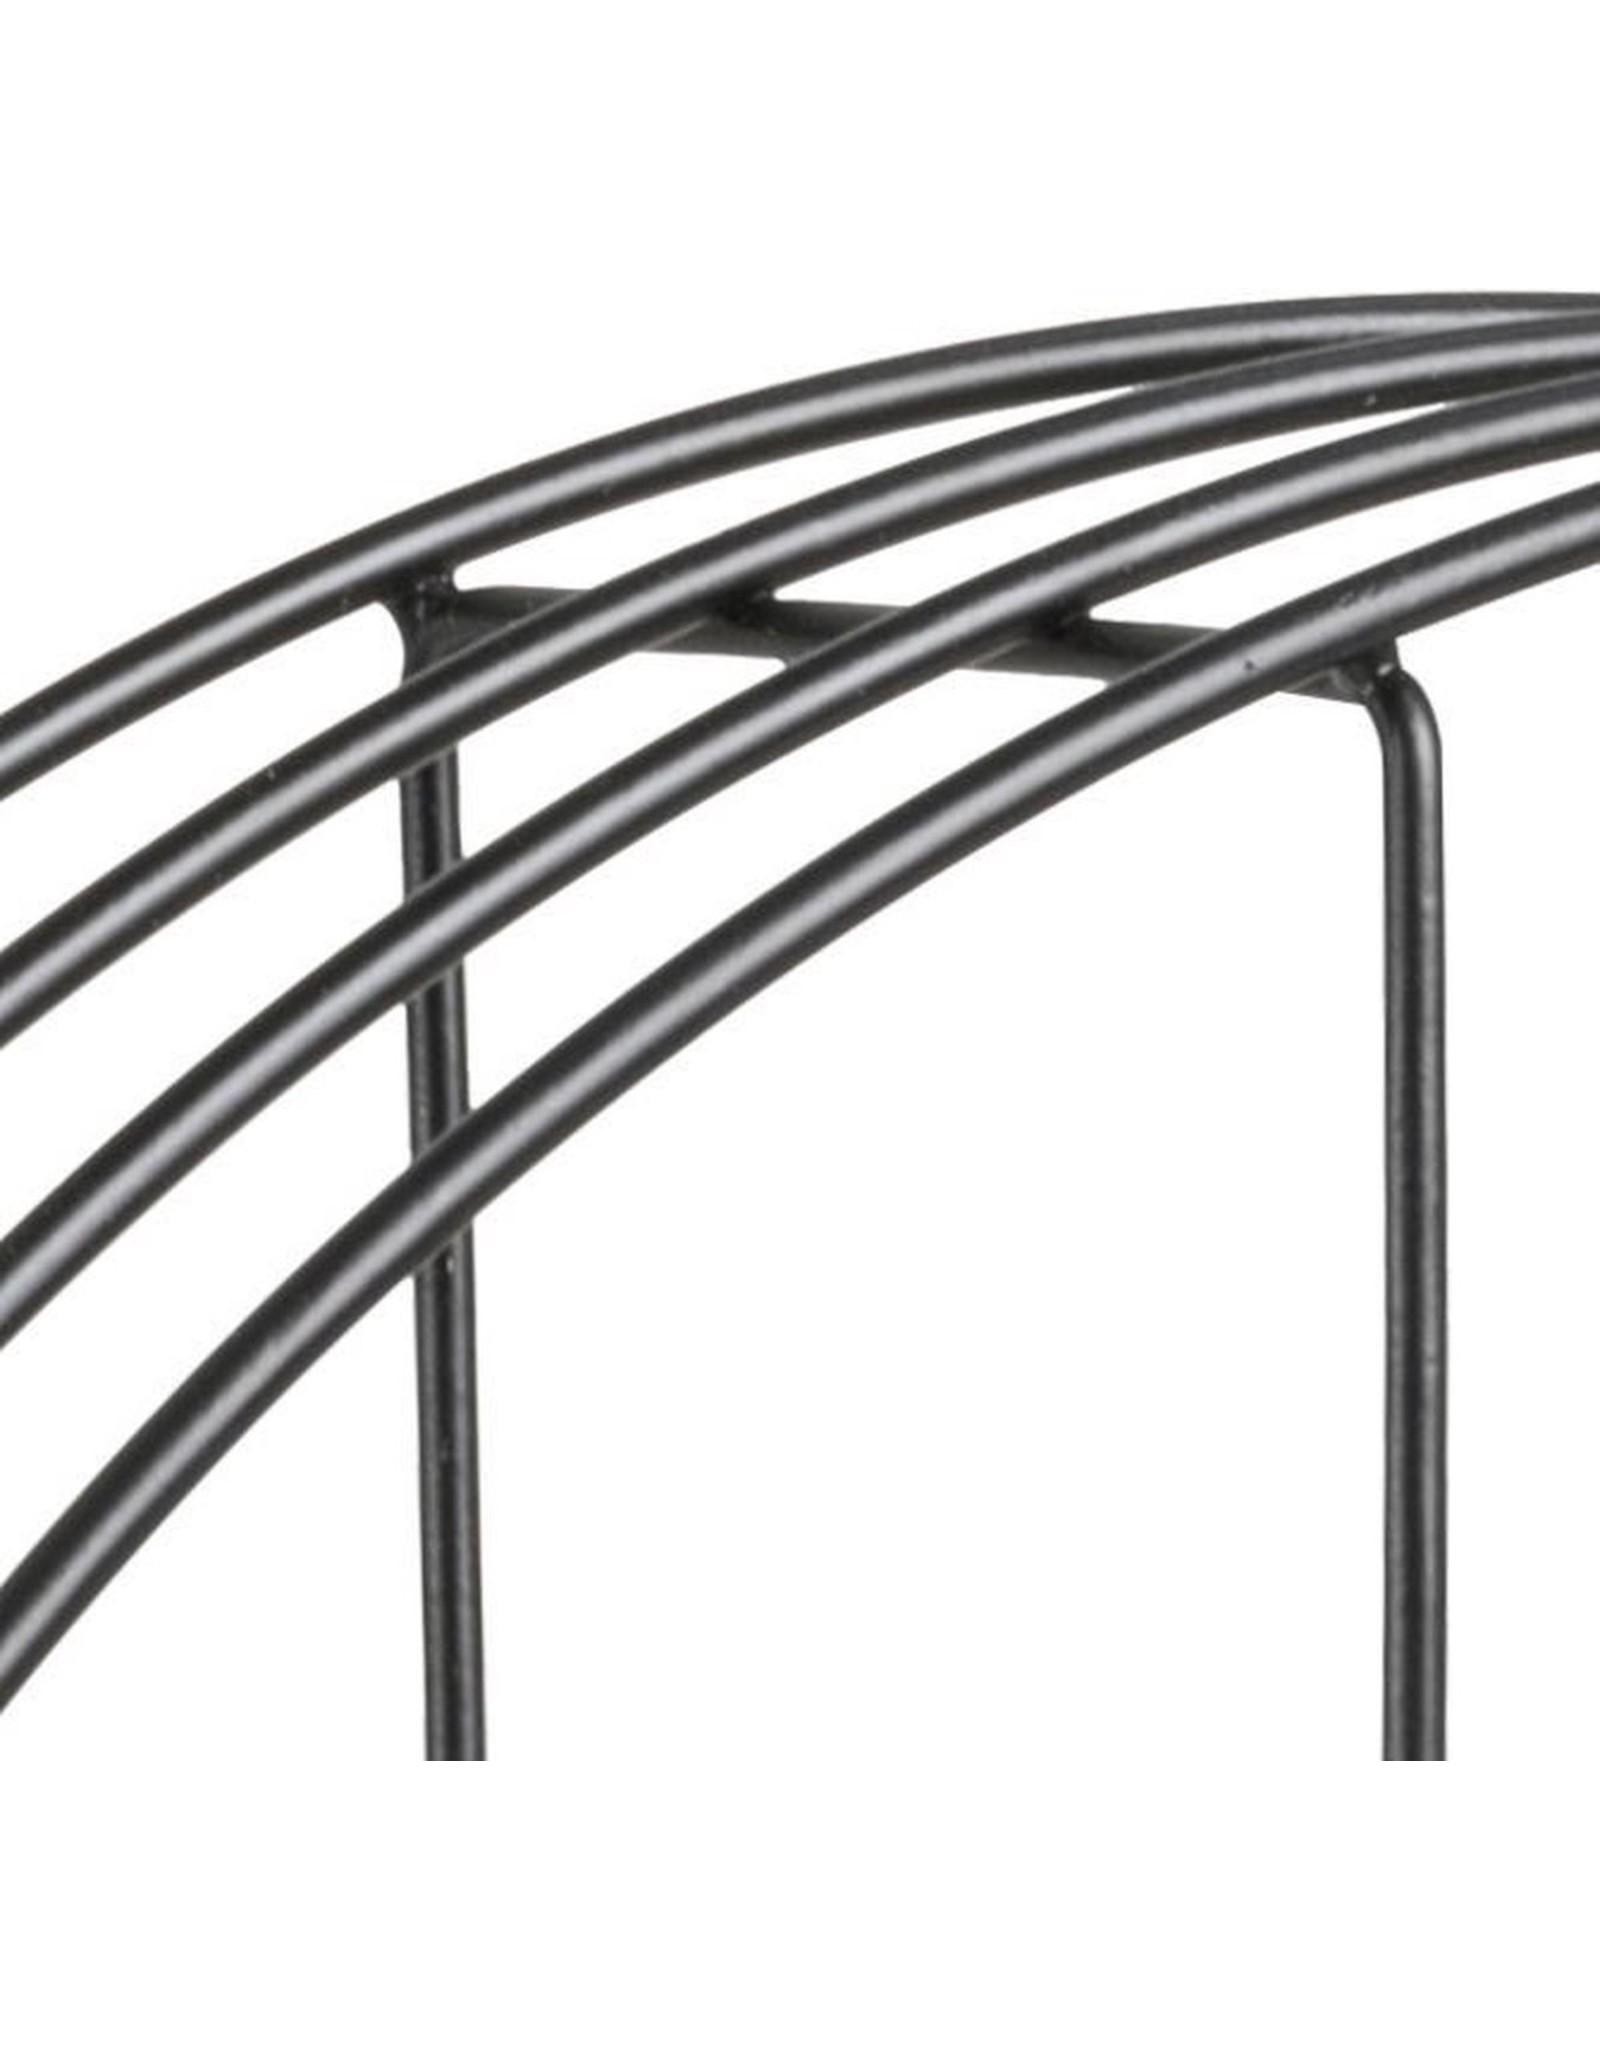 Parya Home Parya Home - Ronde Wandplank - Diameter Ø45 cm - MDF Planken - Metaal - 4 Planken